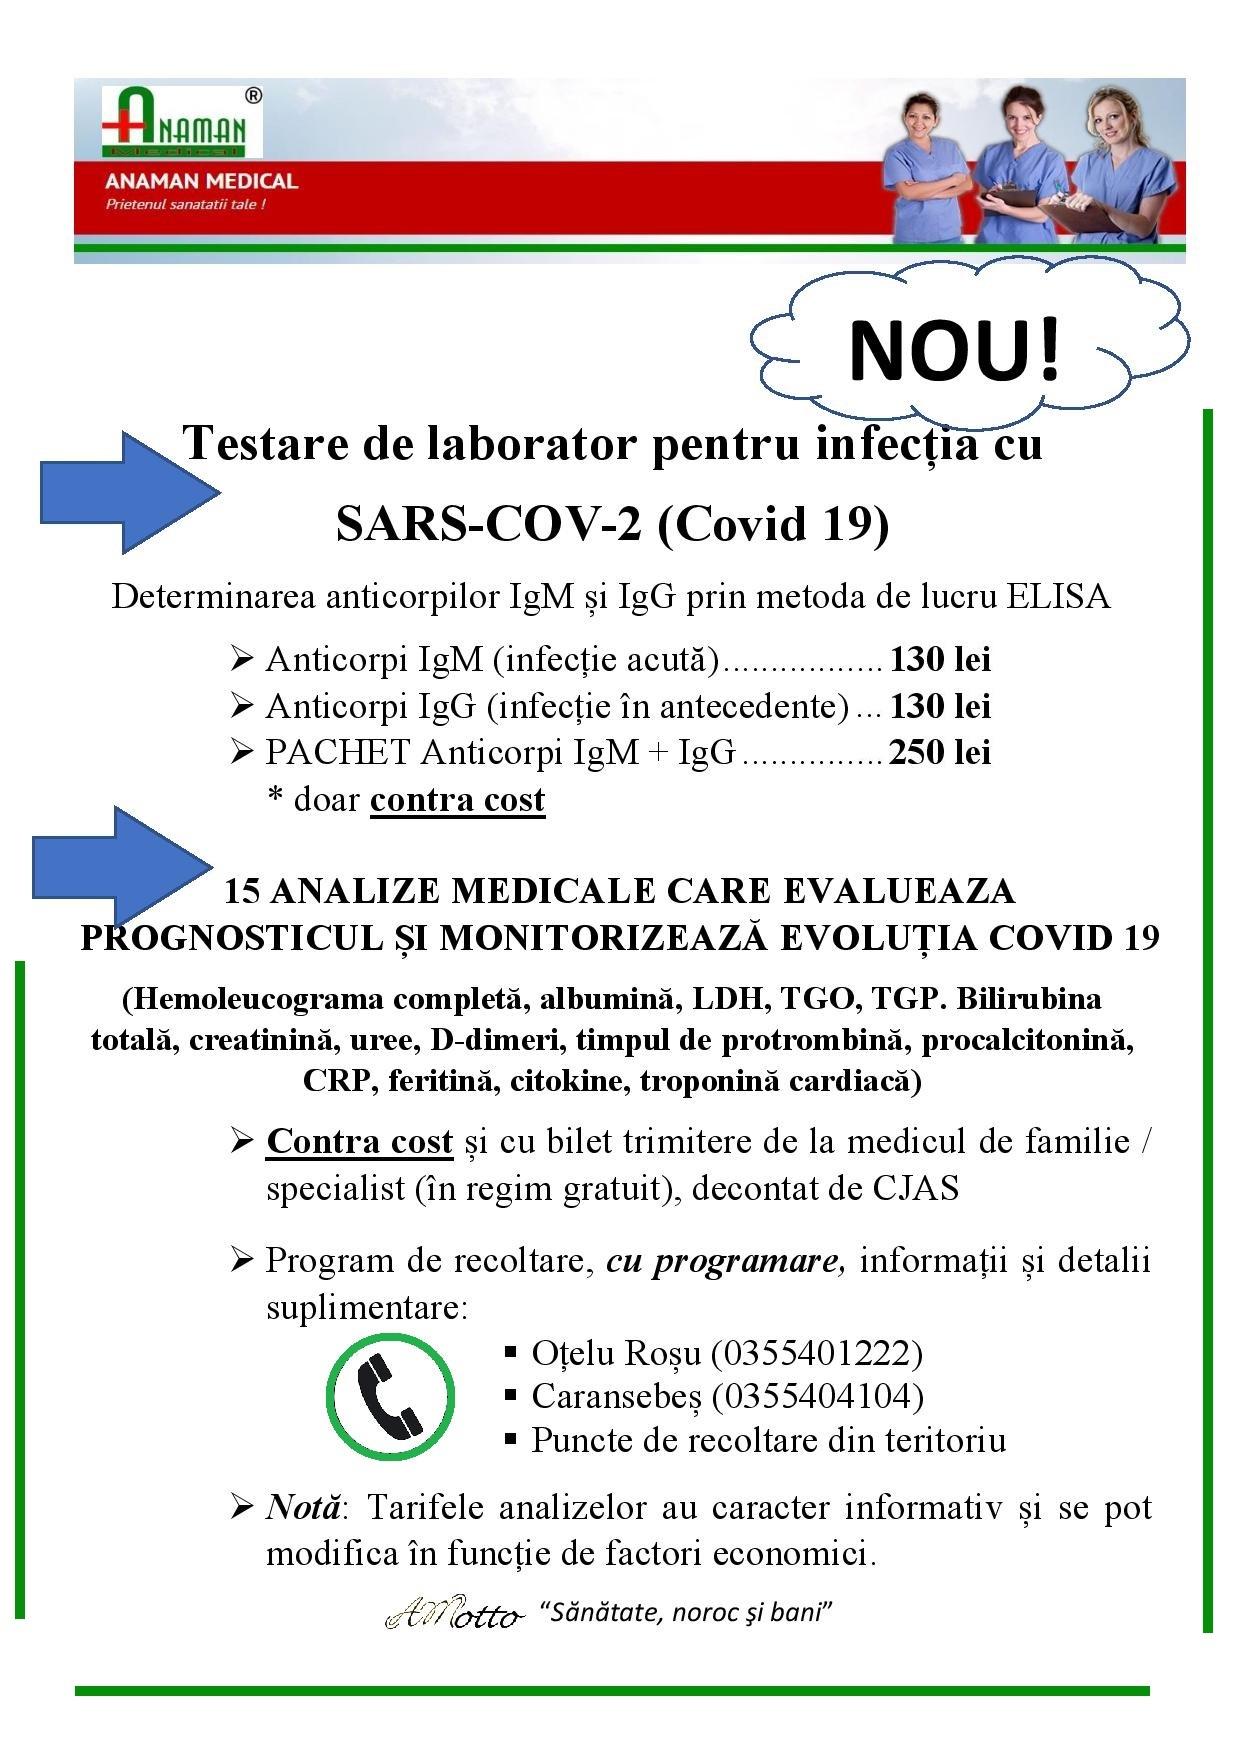 testare COVID-19 Anaman